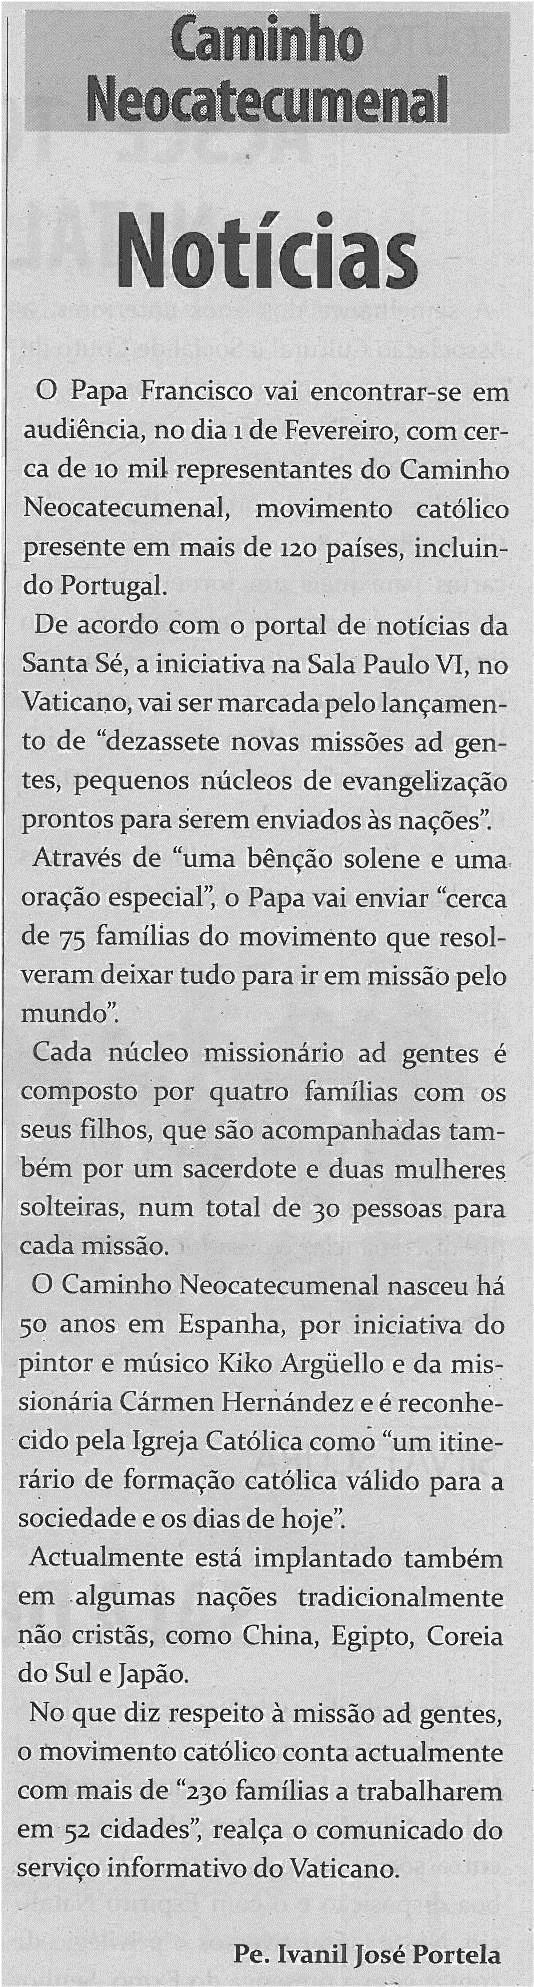 TV-fev14-p14-Notícias : Caminho Neocatecumenal